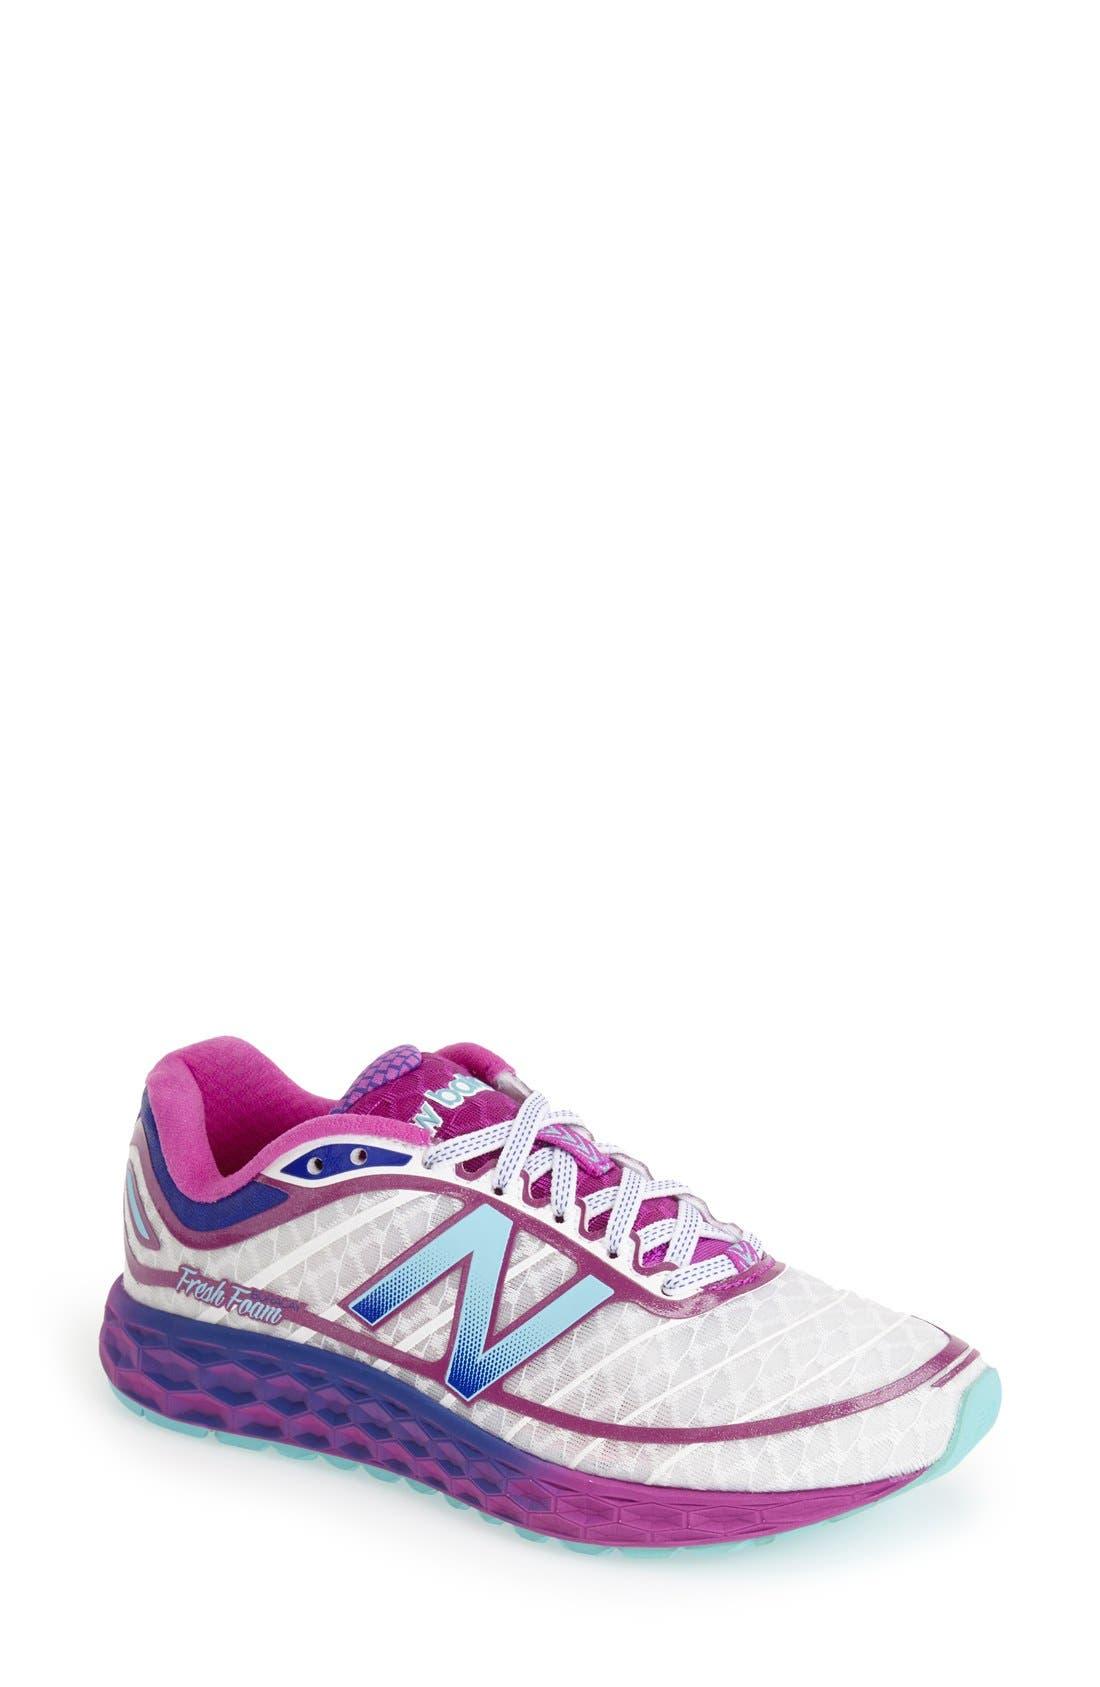 Main Image - New Balance '980' Running Shoe (Women)